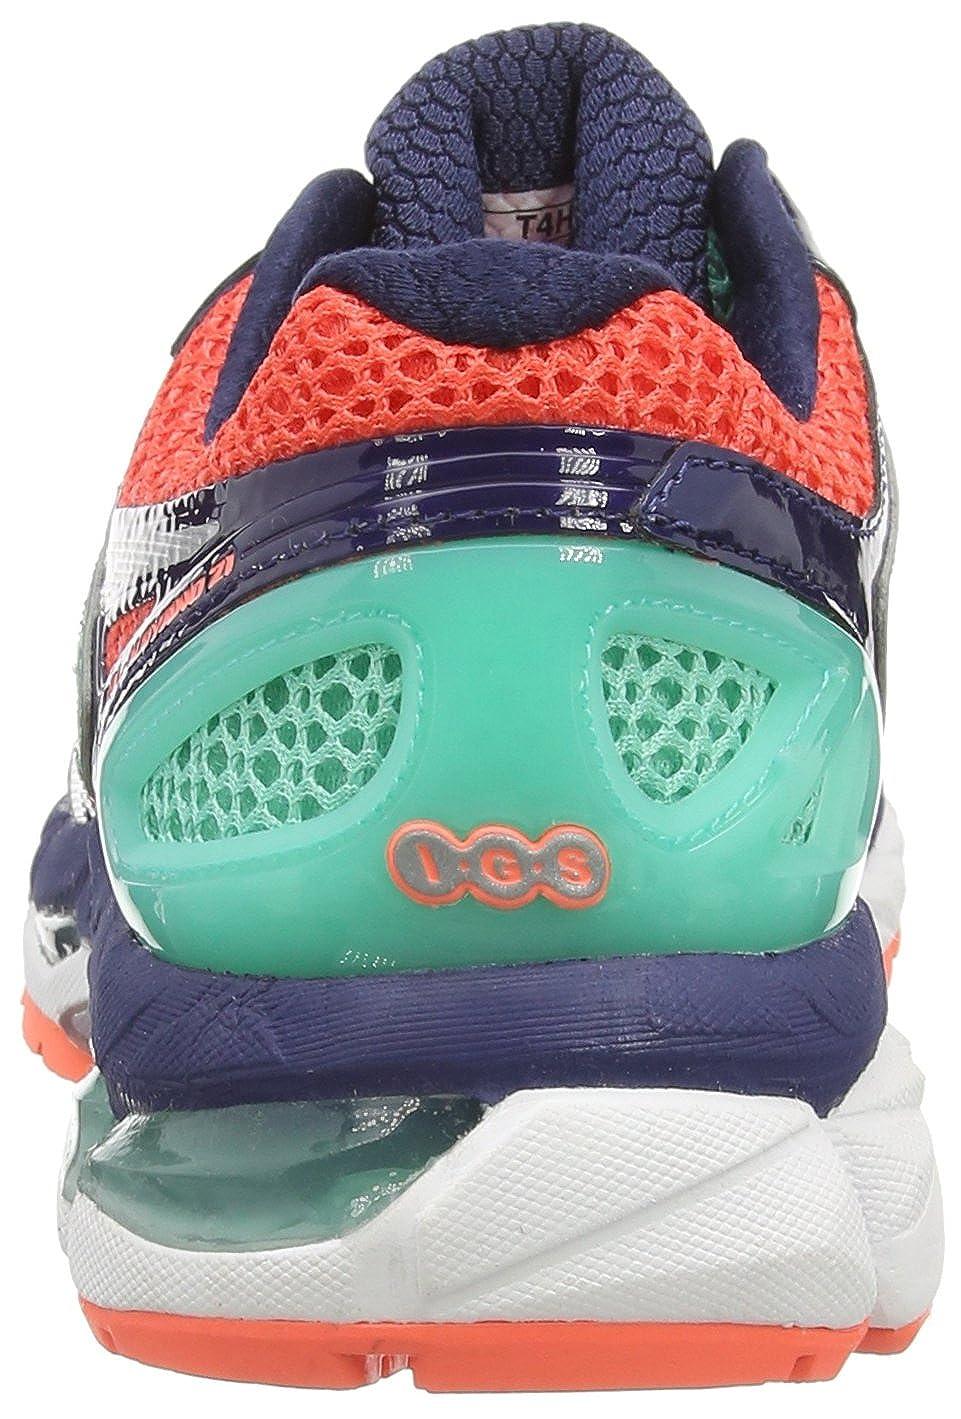 ASICS Gel-Kayano 21 - Zapatillas de Running para Mujer, Color Azul (Aqua Mint/Silver/Indigo Blue 7093), Talla 37: Amazon.es: Zapatos y complementos